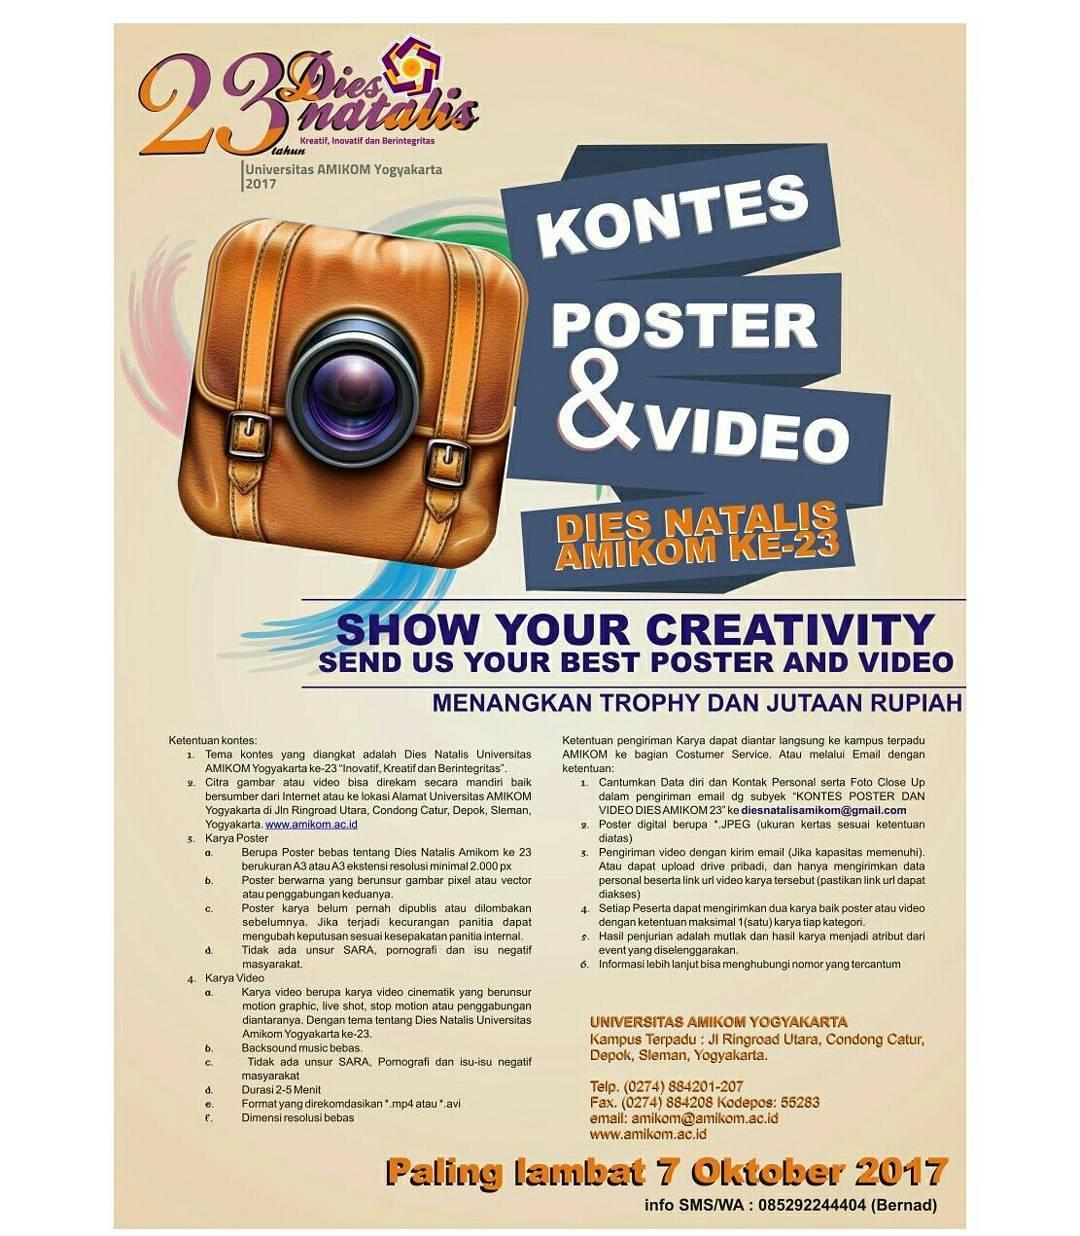 Kontes Poster dan Video Dies Natalis Amikom